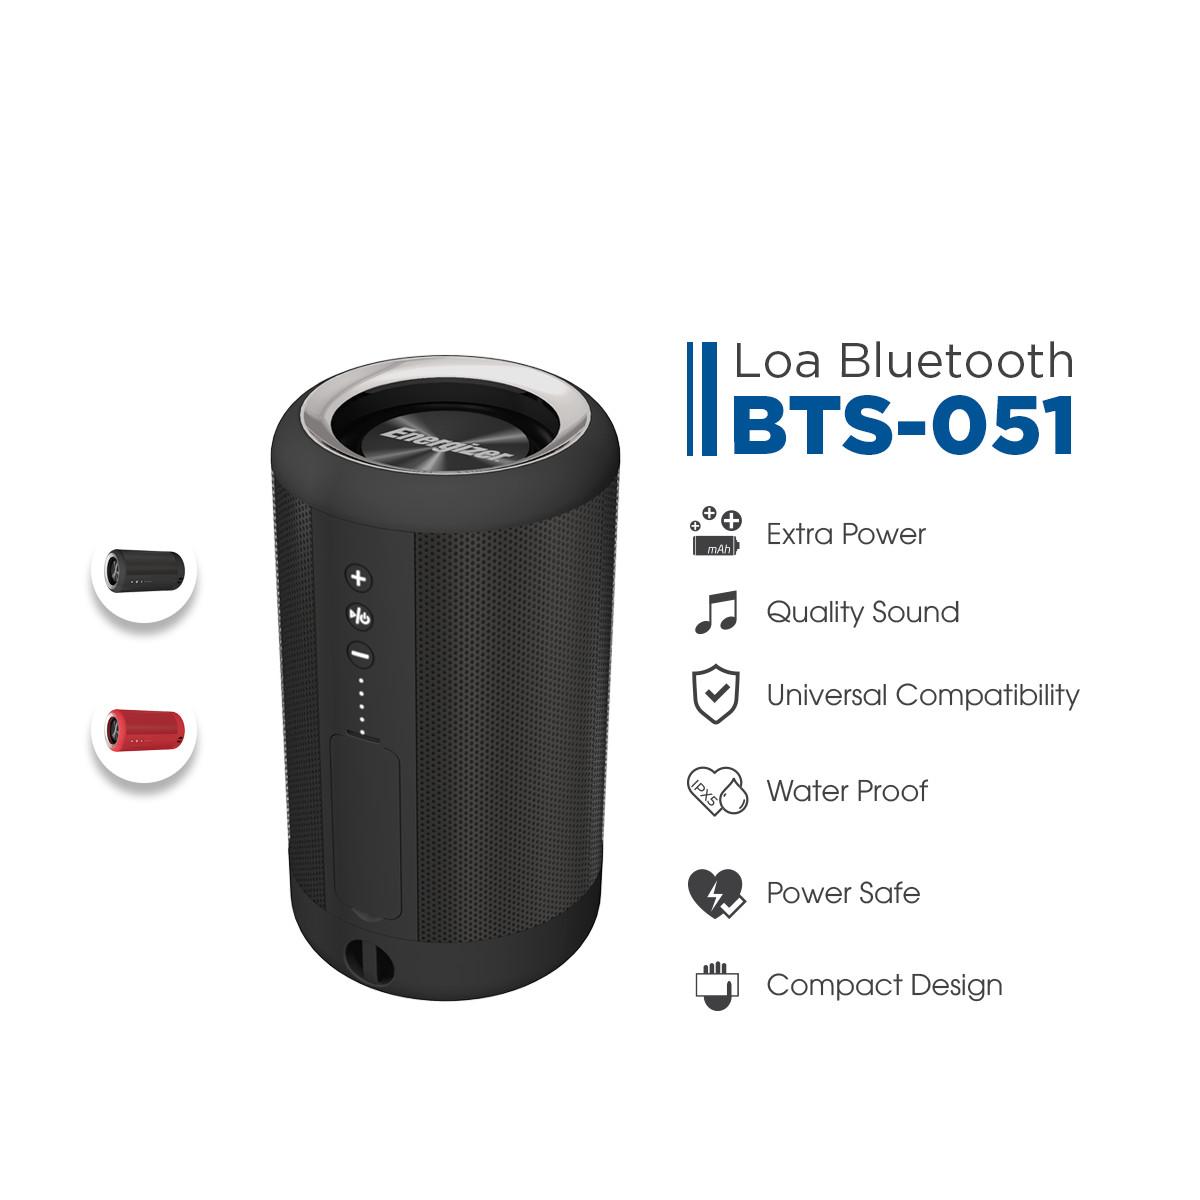 Loa Bluetooth kèm pin sạc dự phòng Energizer BTS-051, dung lượng 2,000mAh, chống nước theo tiêu chuẩn IPX5, hỗ trợ thẻ micro SD, AUX - Hàng chính hãng